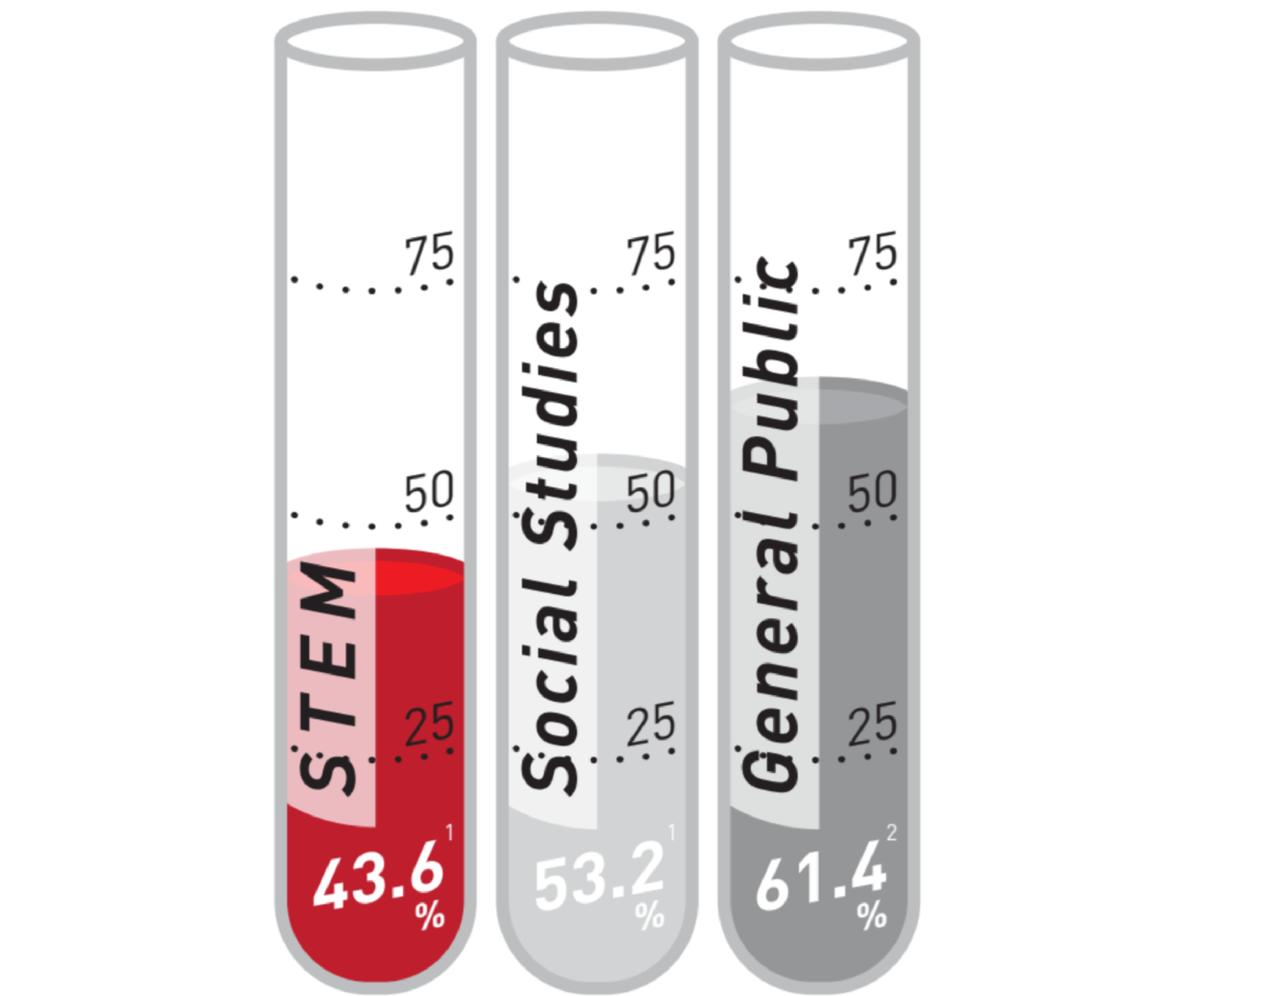 stem_testtubes_v1-01.png